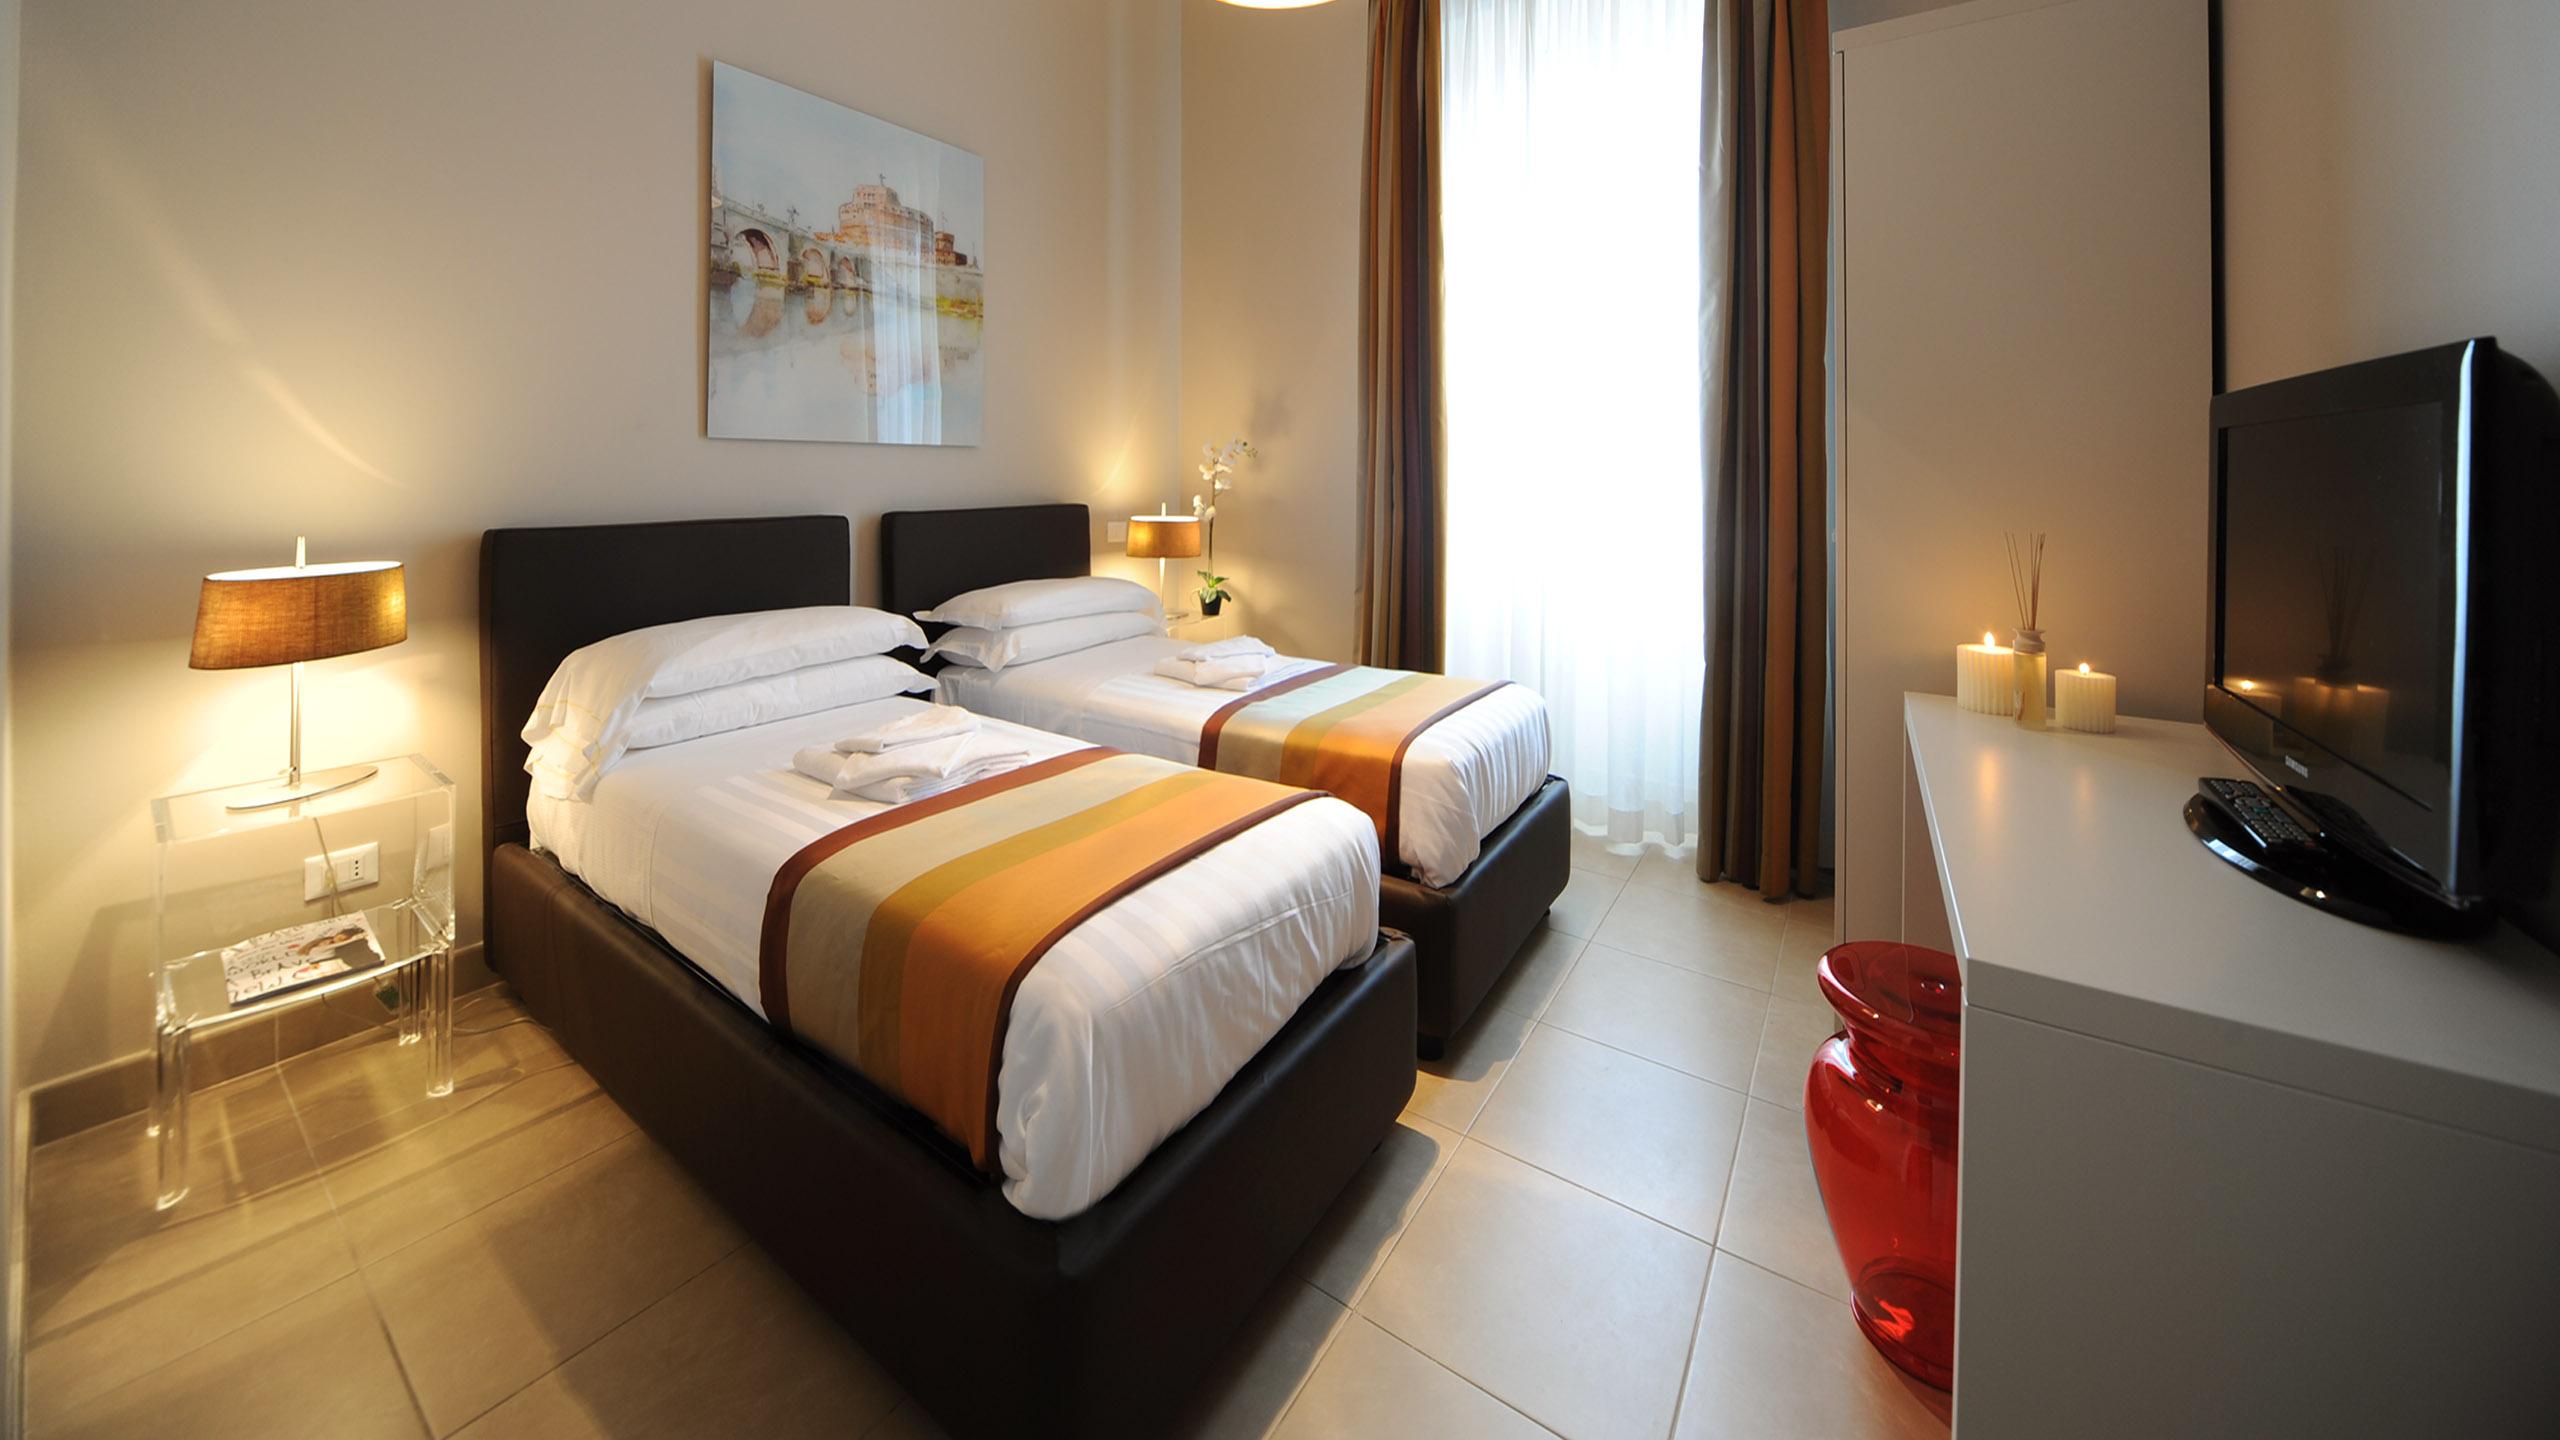 Residence-Trianon-Borgo-Pio-Roma-appartamento-due-stanze-2020-letto-slide.jpg